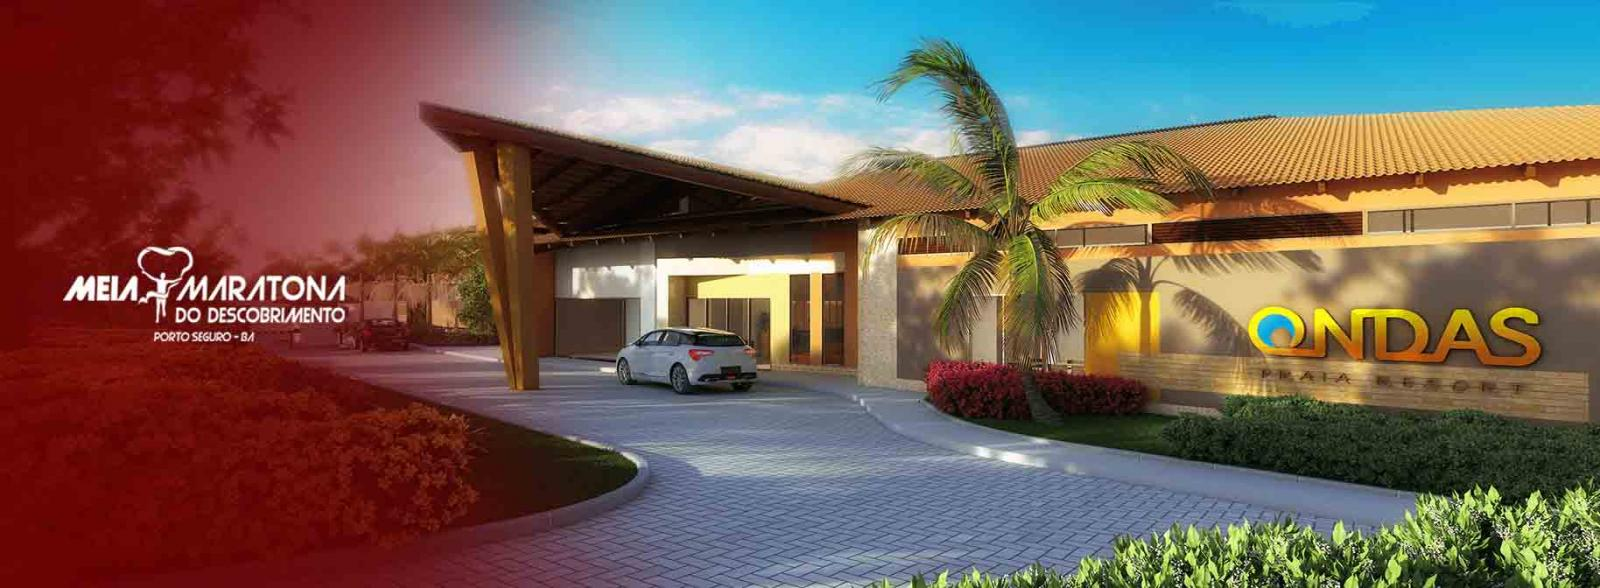 Ondas Praia Resort renova patrocínio com a Meia Maratona do Descobrimento-2019